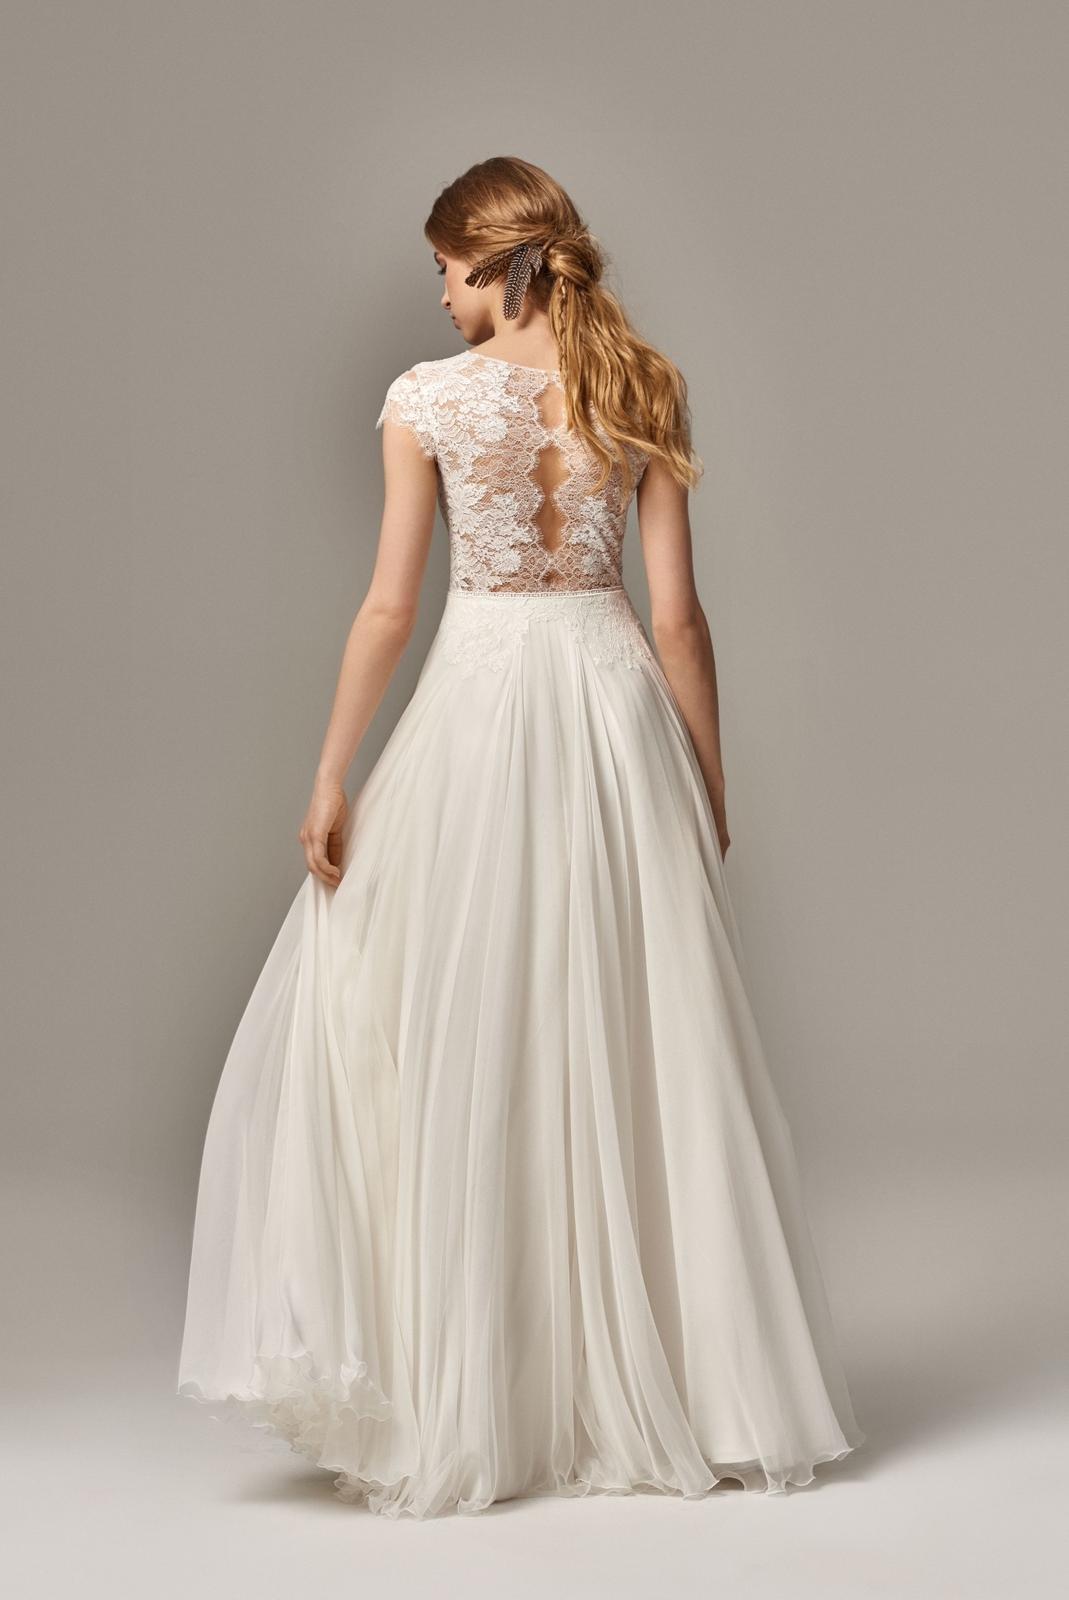 Svadovné šaty Anna Kara - Grisel - Obrázok č. 1